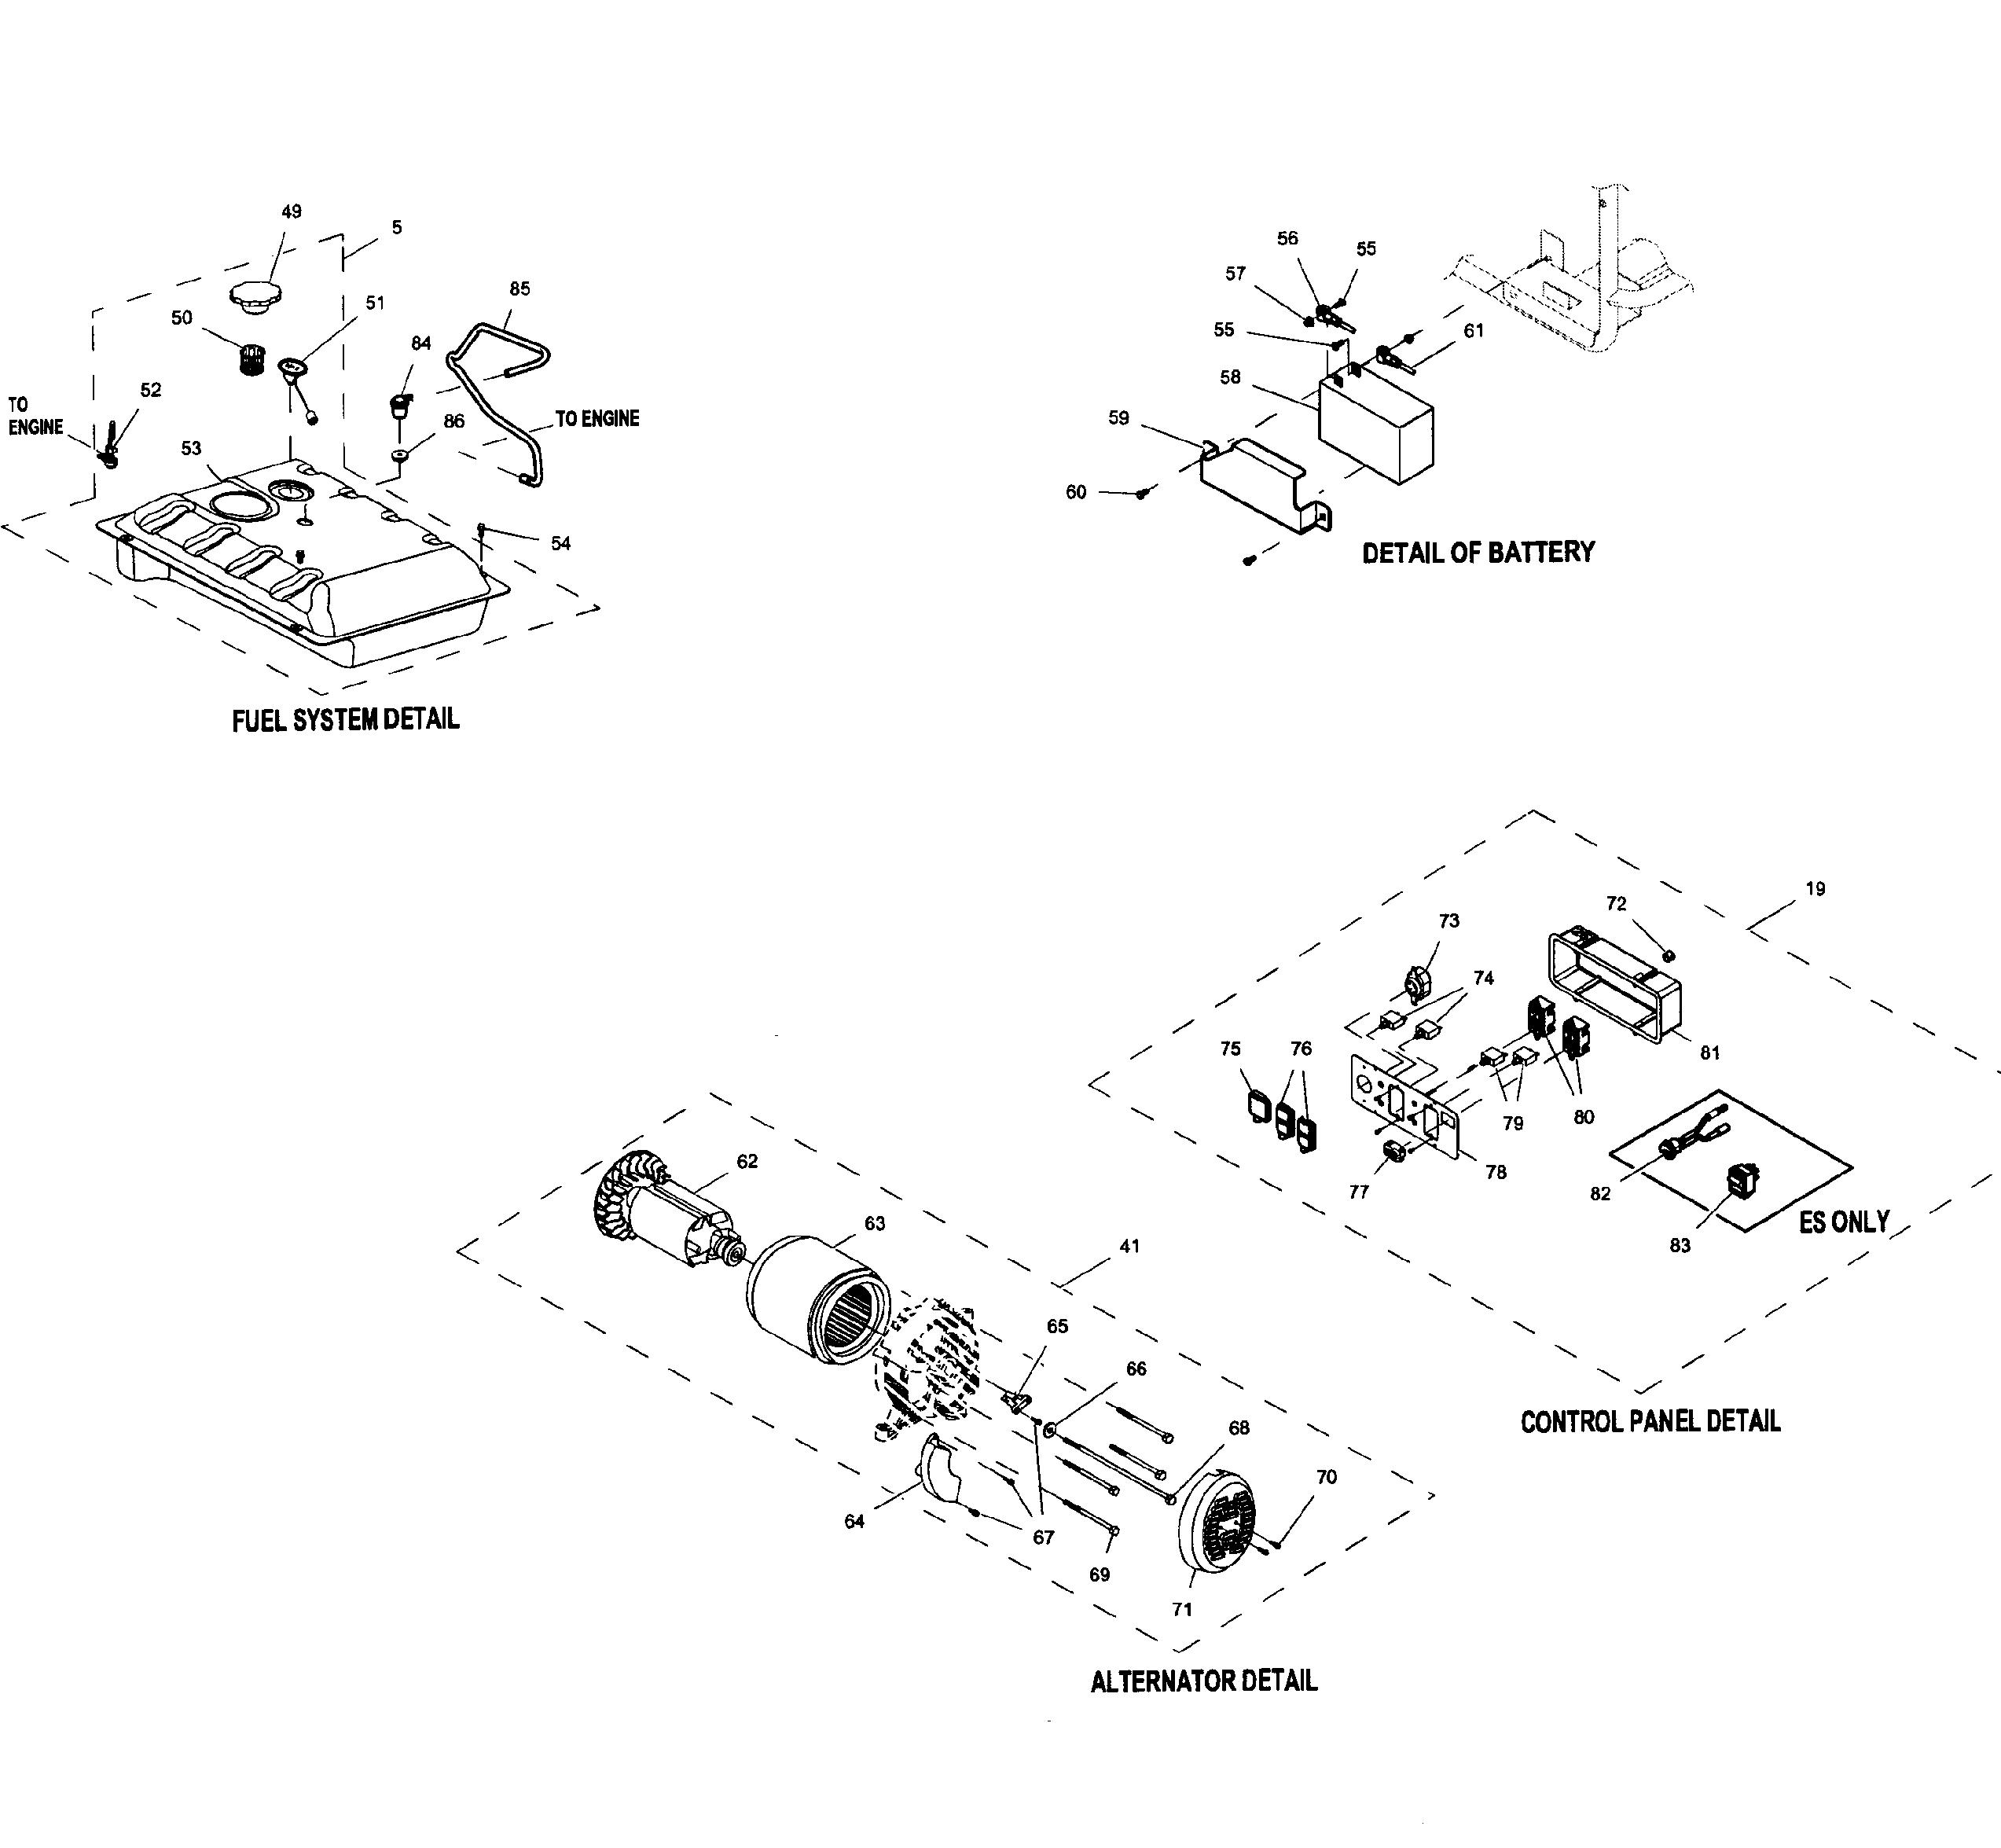 Generac Gp7500e Parts Diagram